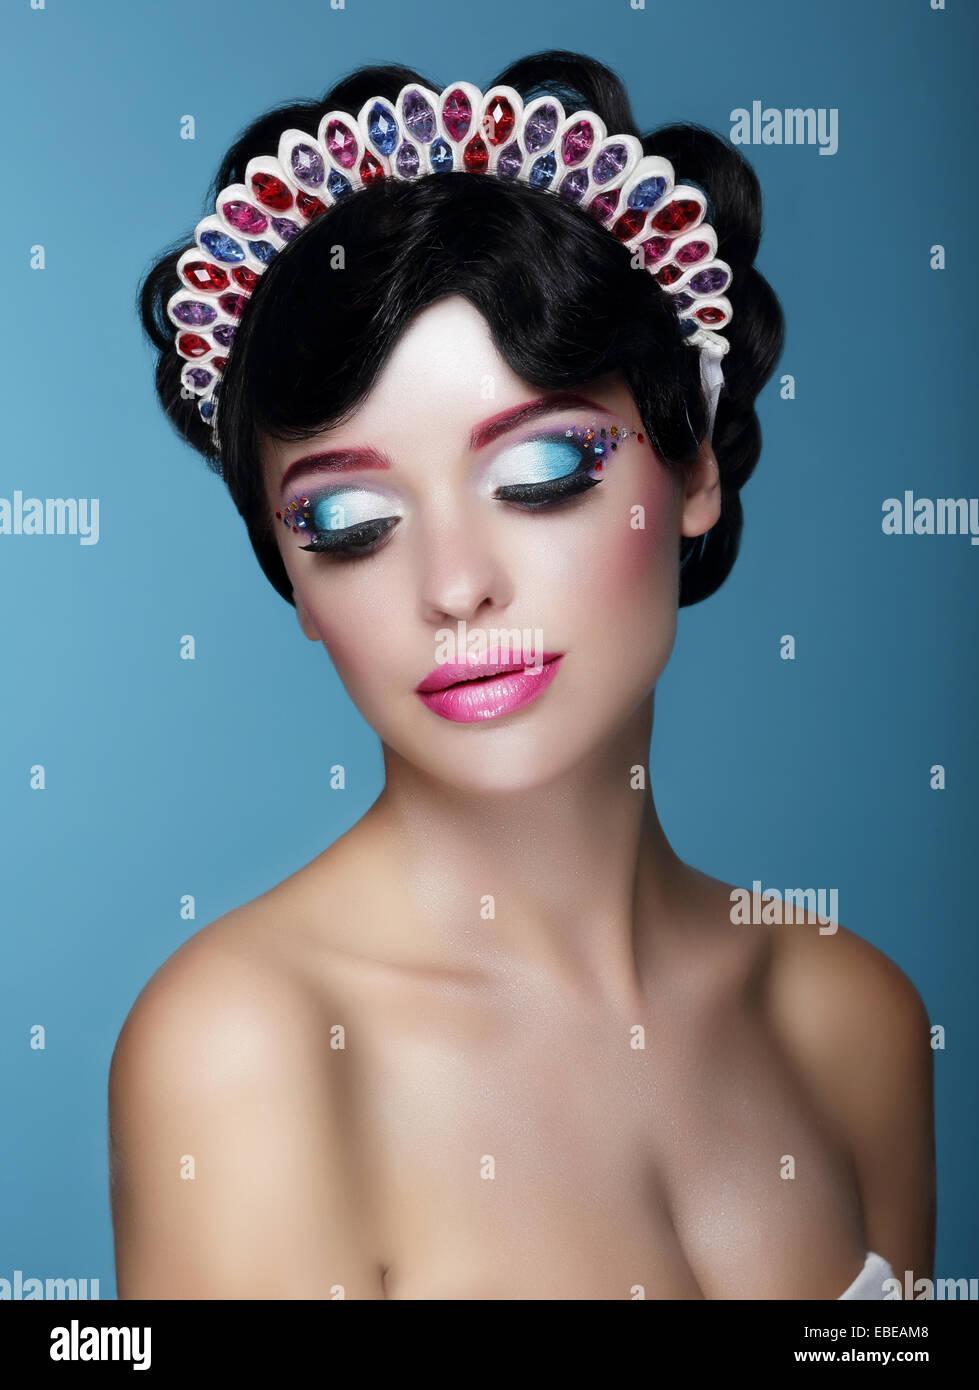 Lujoso hembra de ensueño con brillantes de maquillaje y arte Diadem Imagen De Stock